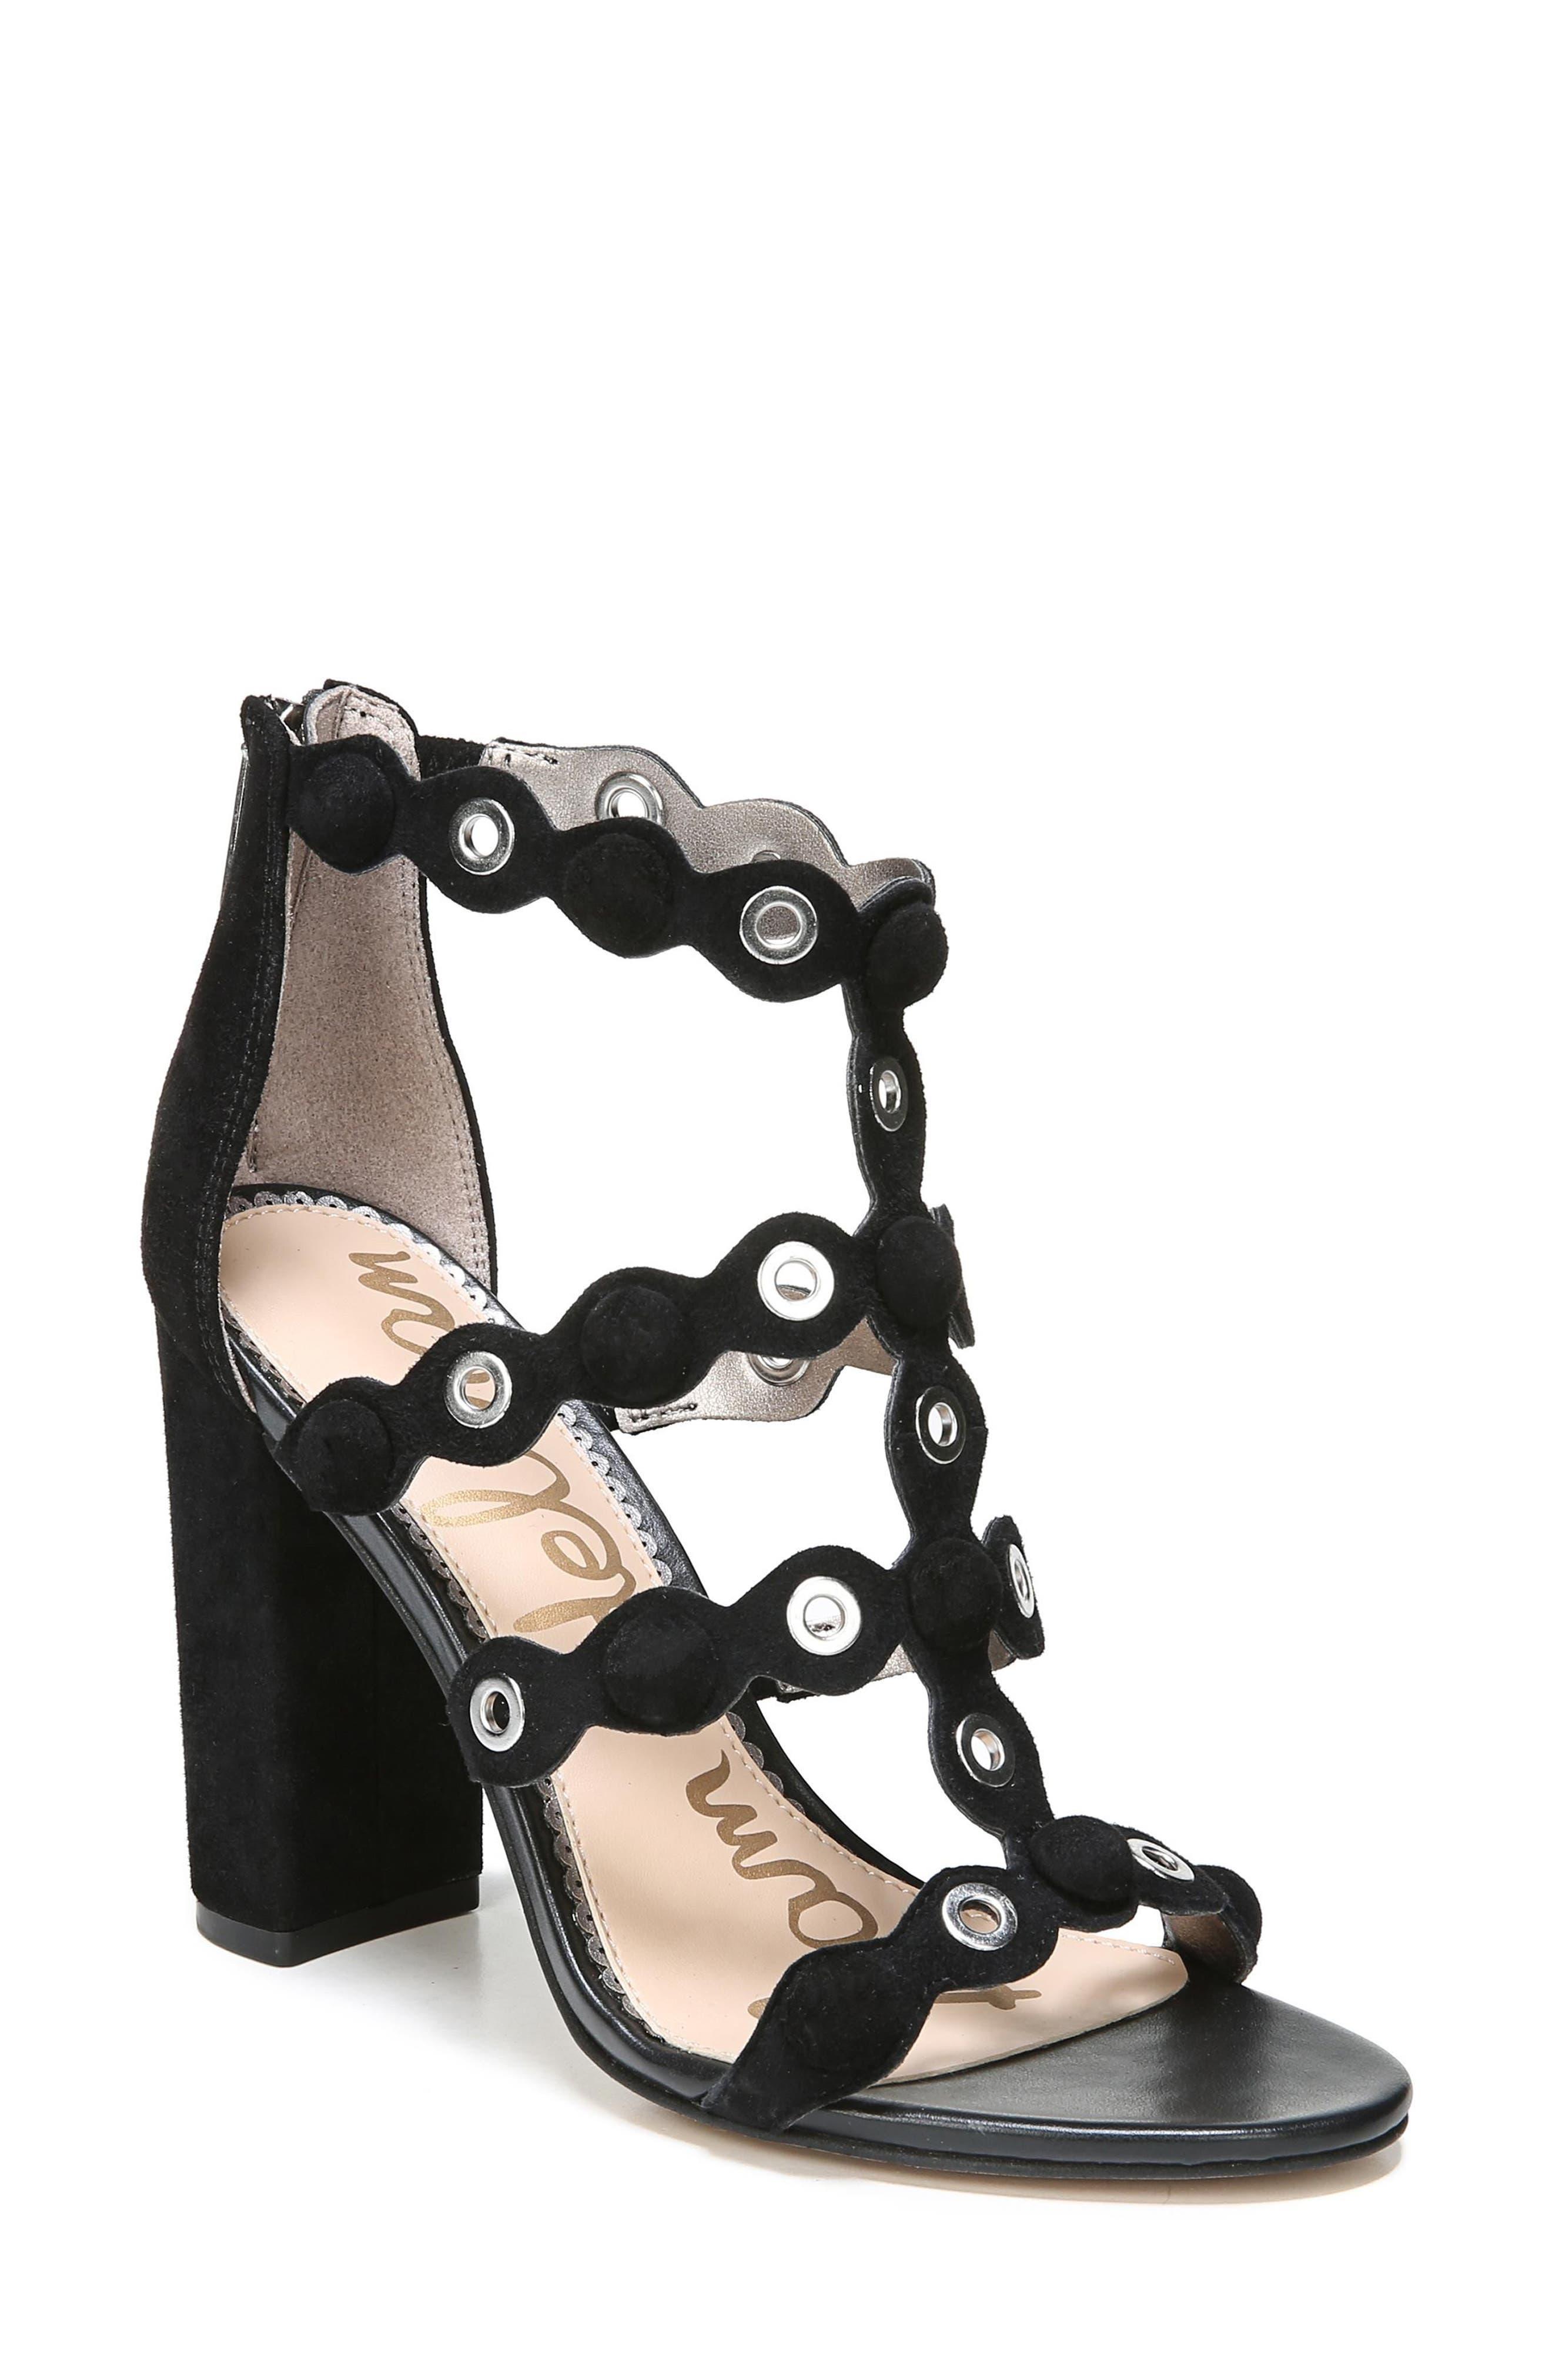 Yuli Grommet Sandal,                             Main thumbnail 1, color,                             Black Leather